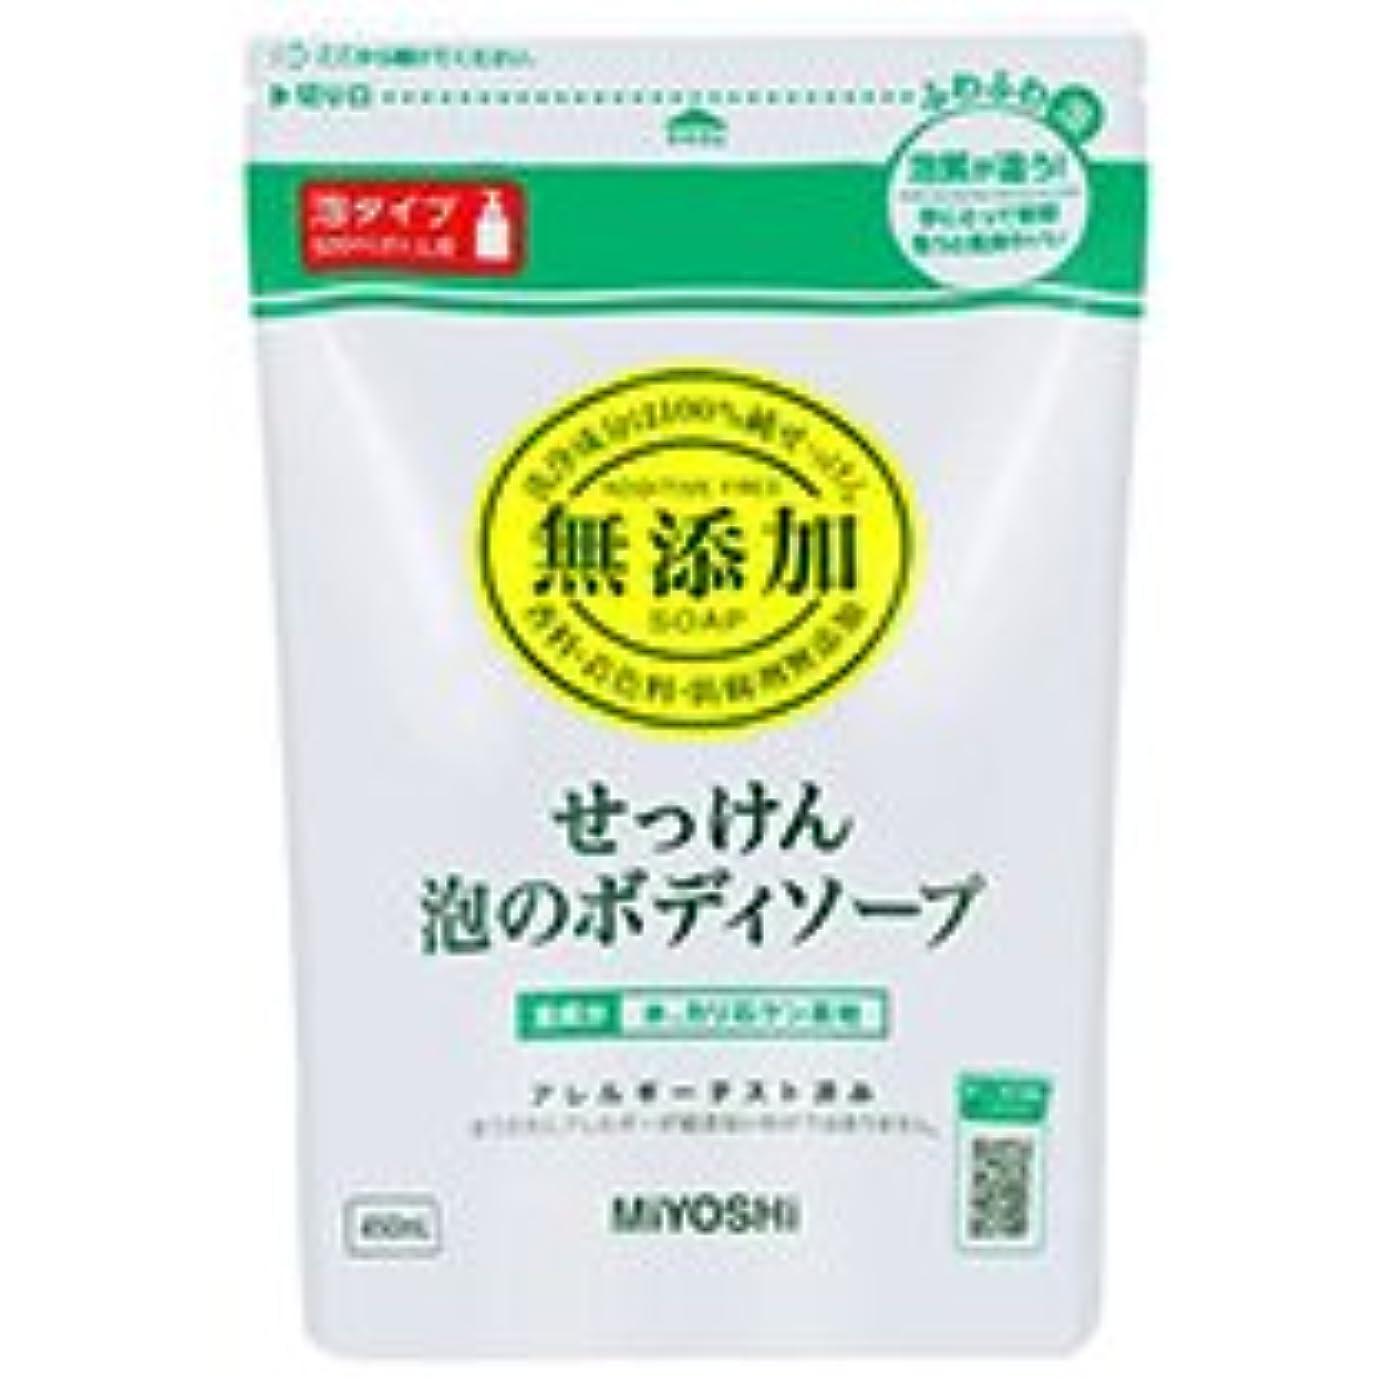 ひも思春期の超越するミヨシ石鹸 無添加せっけん 泡のボディソープ 詰替用 450ml 1個